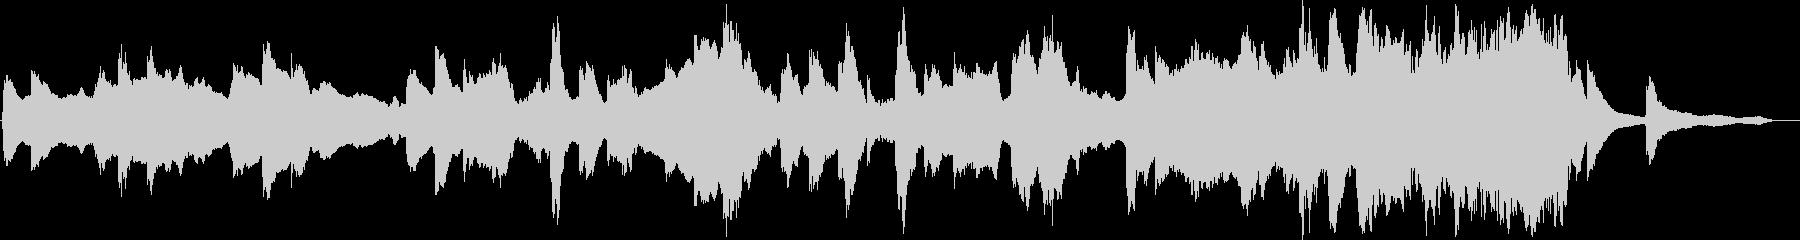 これは、クジラの音を使用して作成さ...の未再生の波形